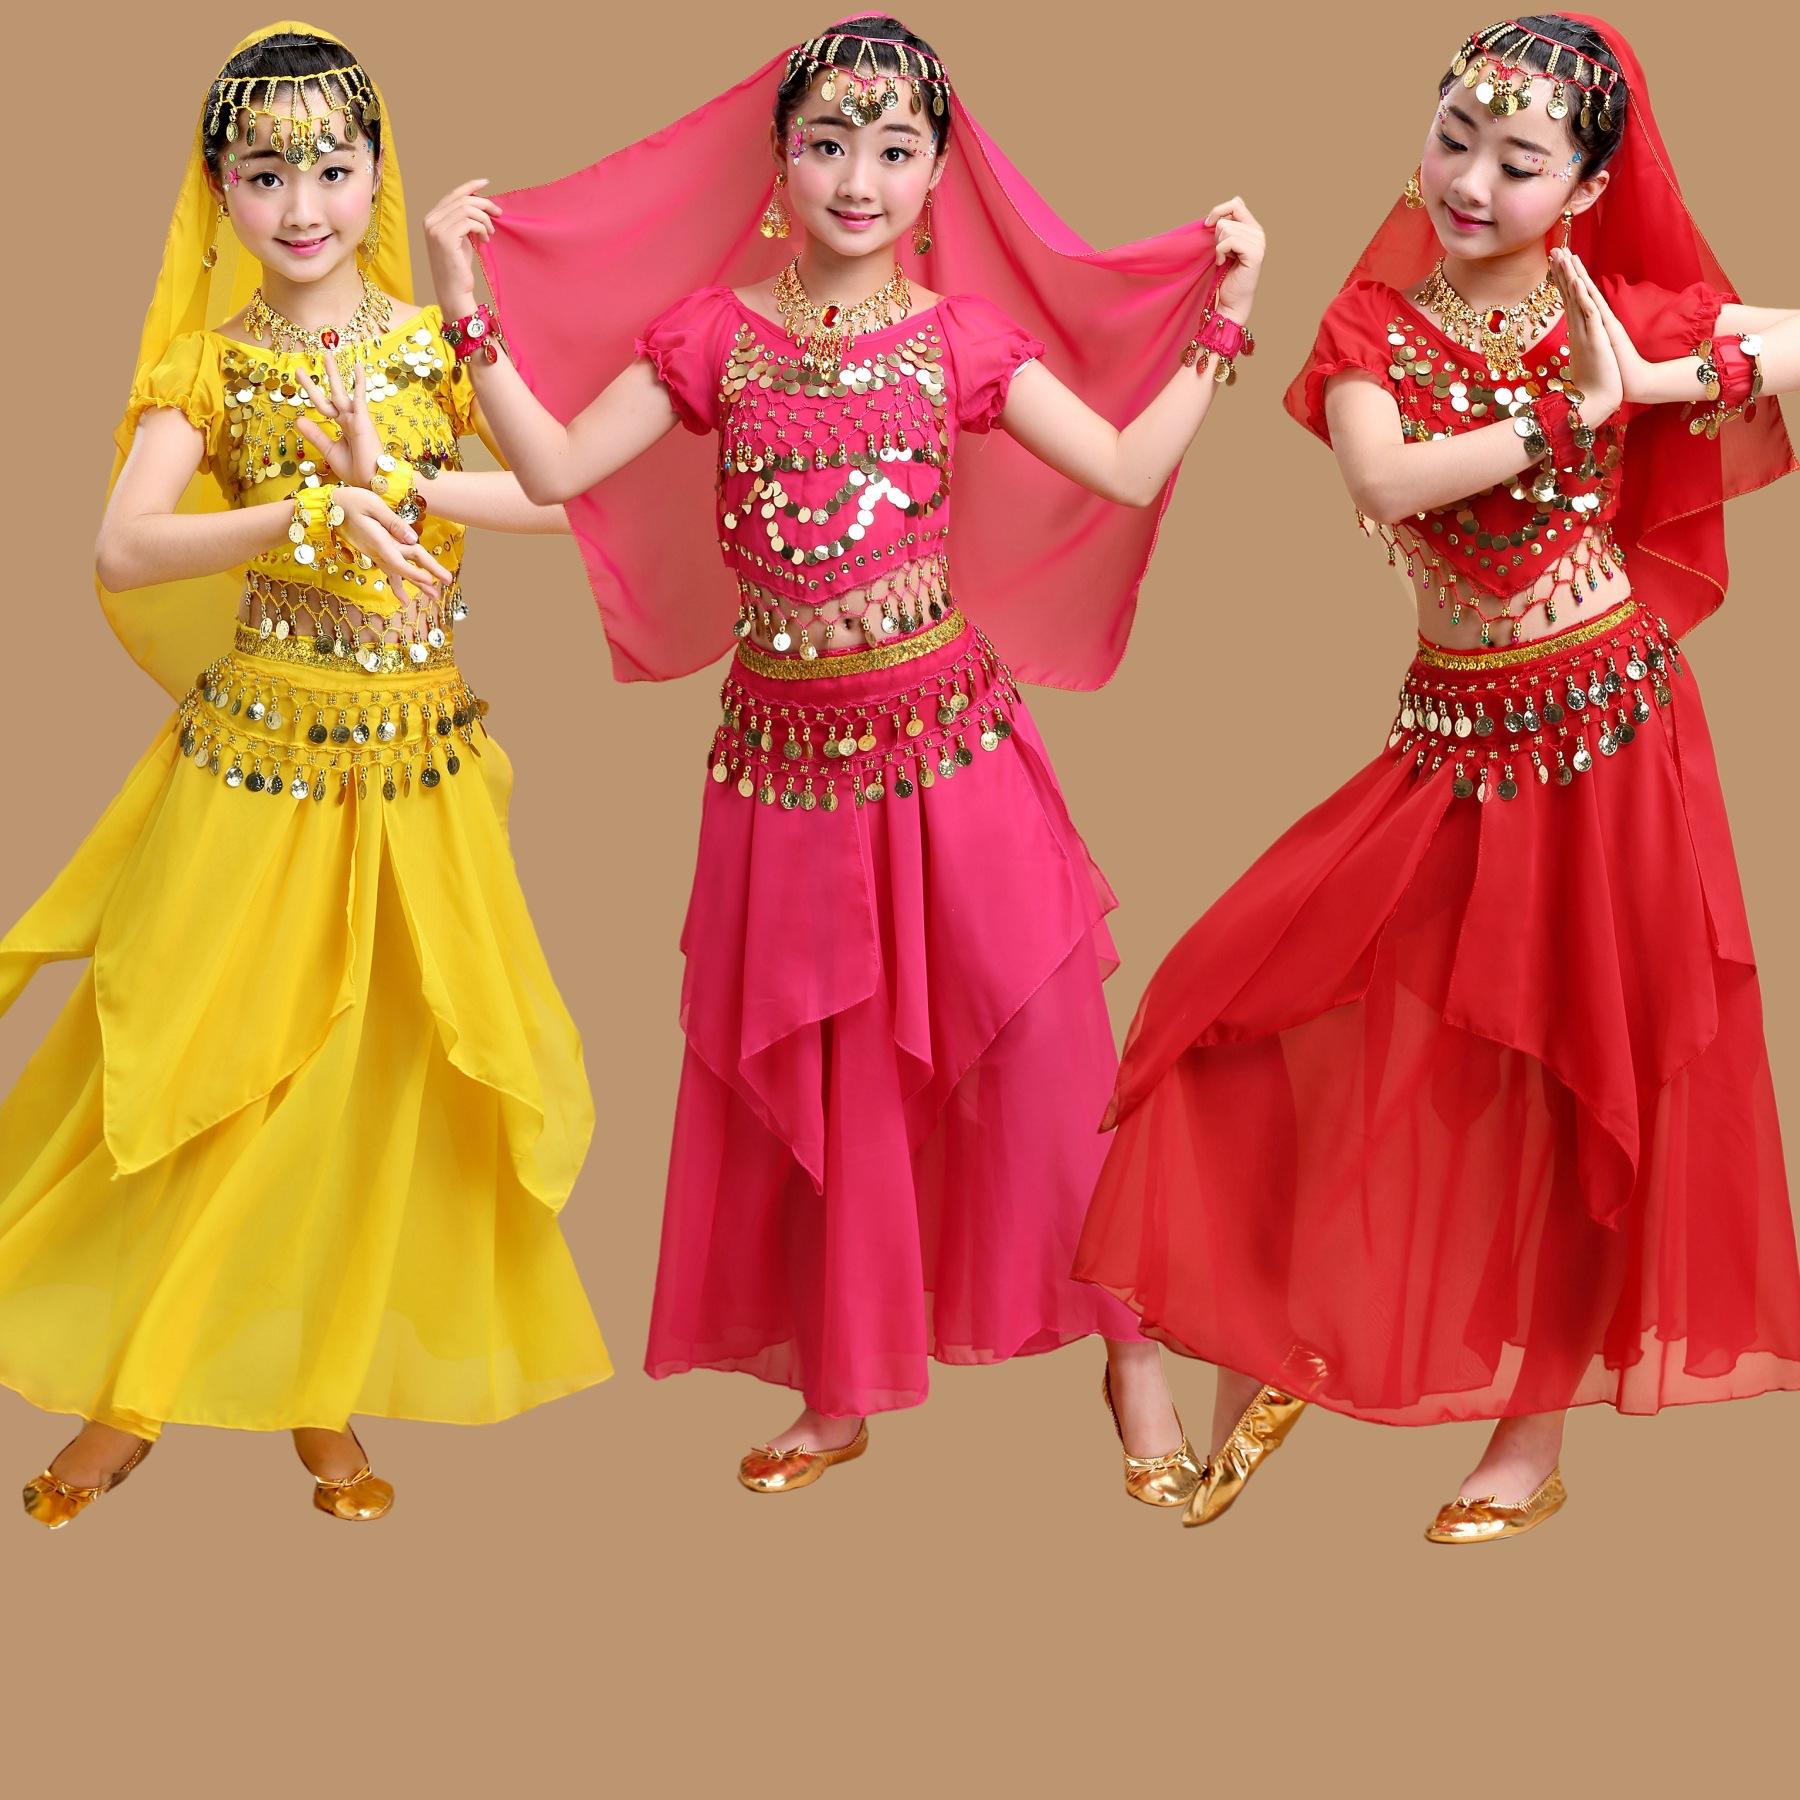 女少儿童印度舞演出服肚皮舞套装跳舞蹈服装儿童裙子民族舞表演服